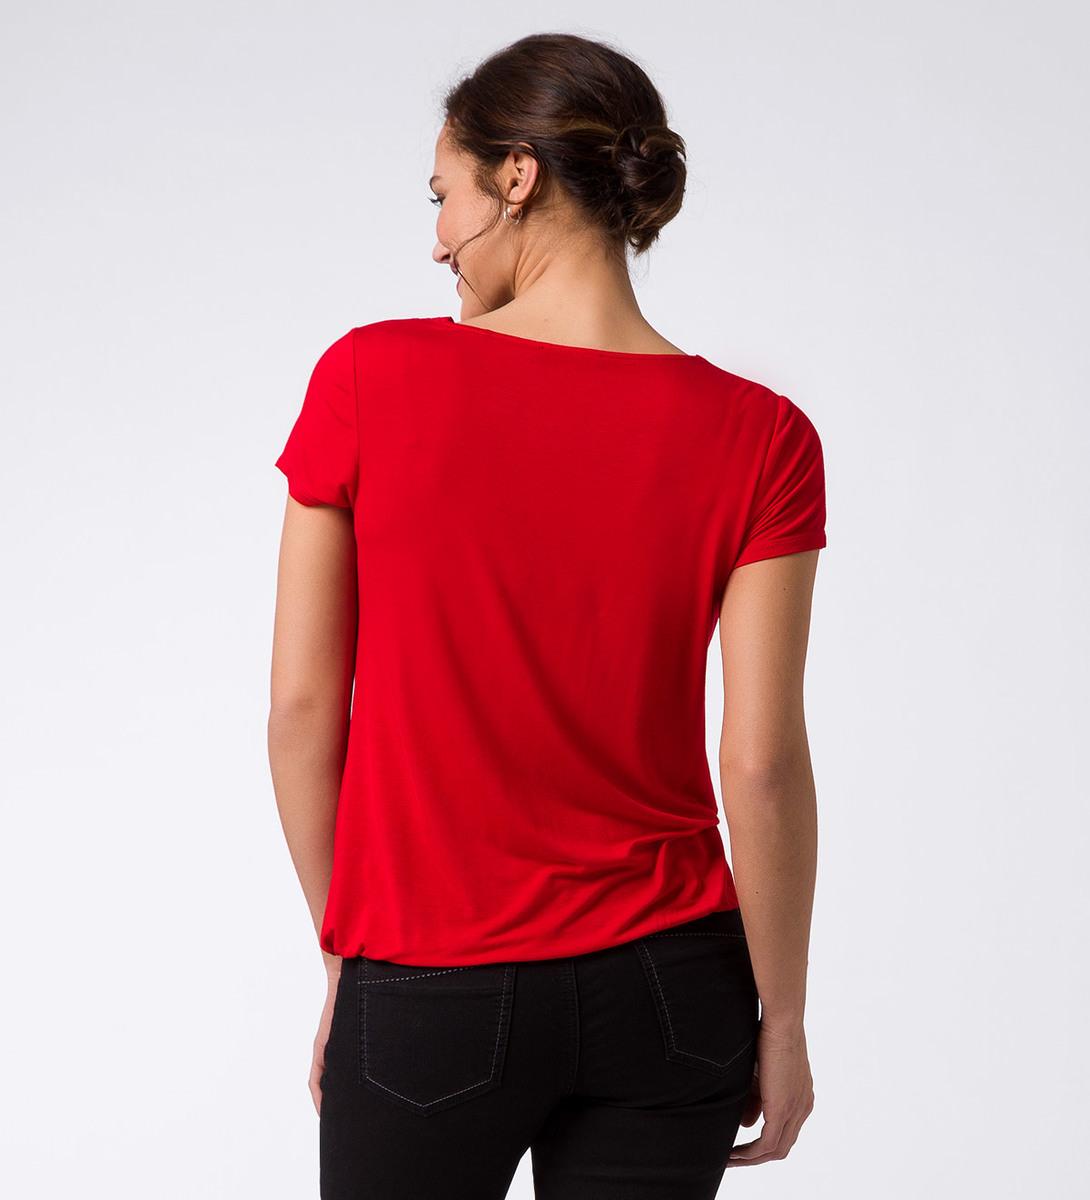 T-Shirt mit Lagenausschnitt in flame red